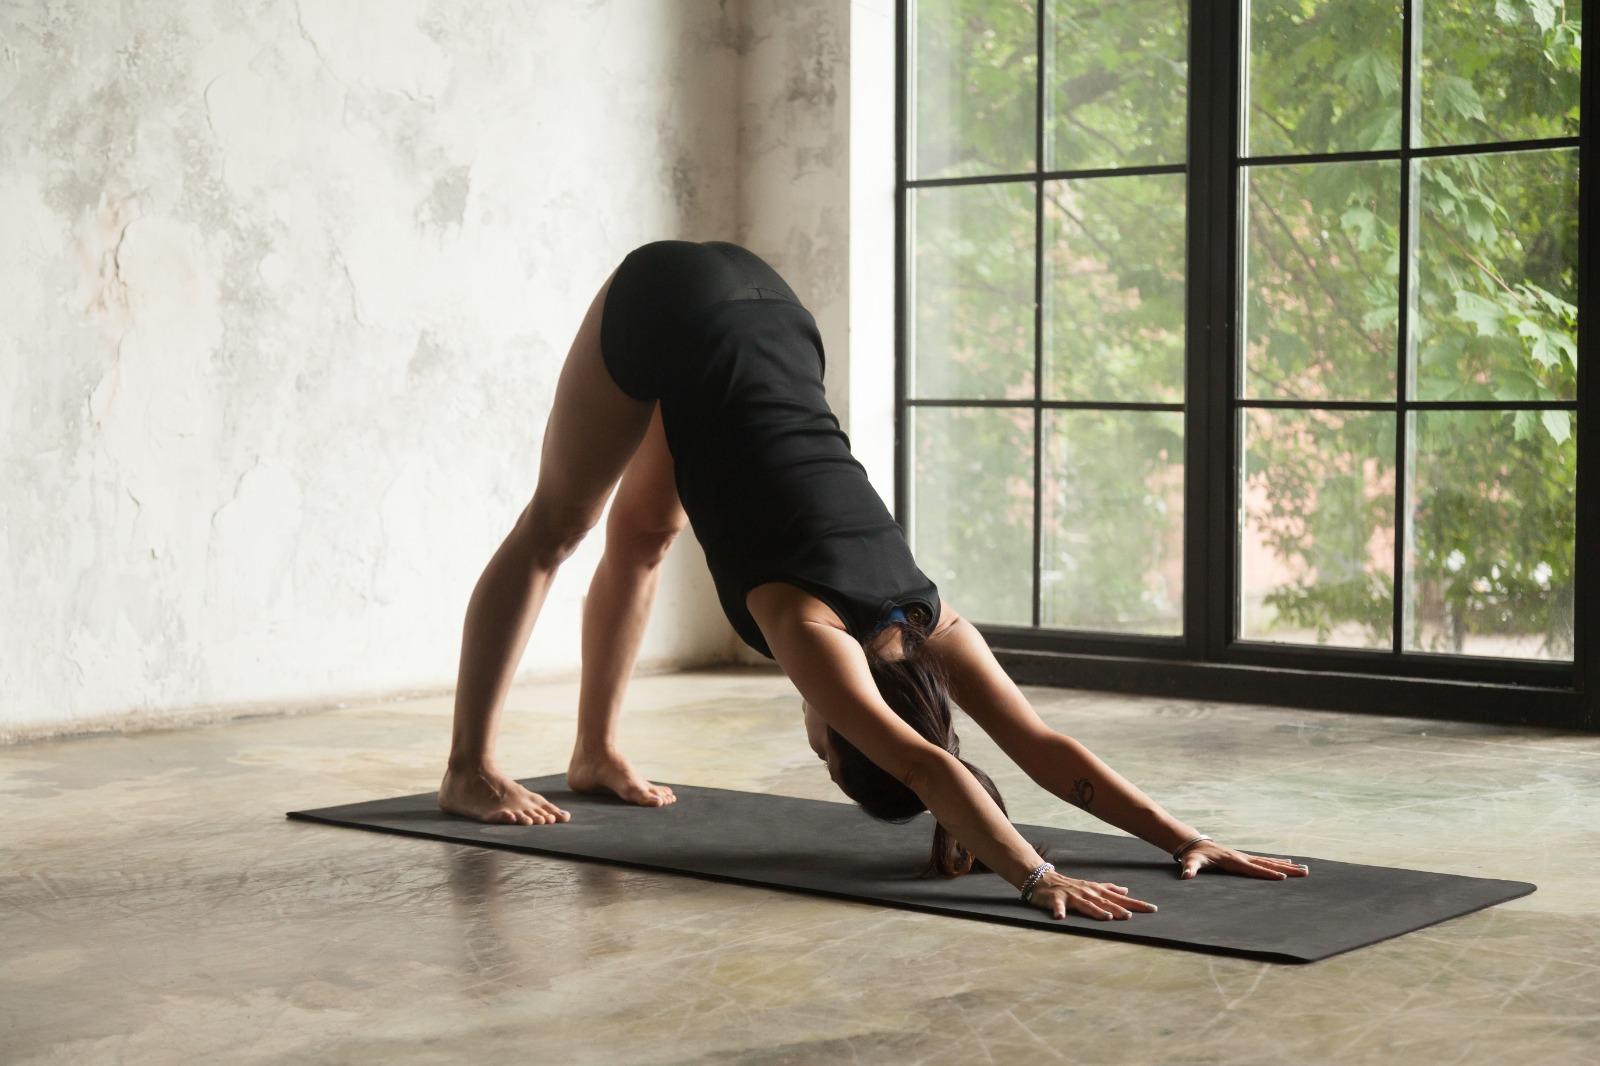 aşağı bakan köpek yoga pozu